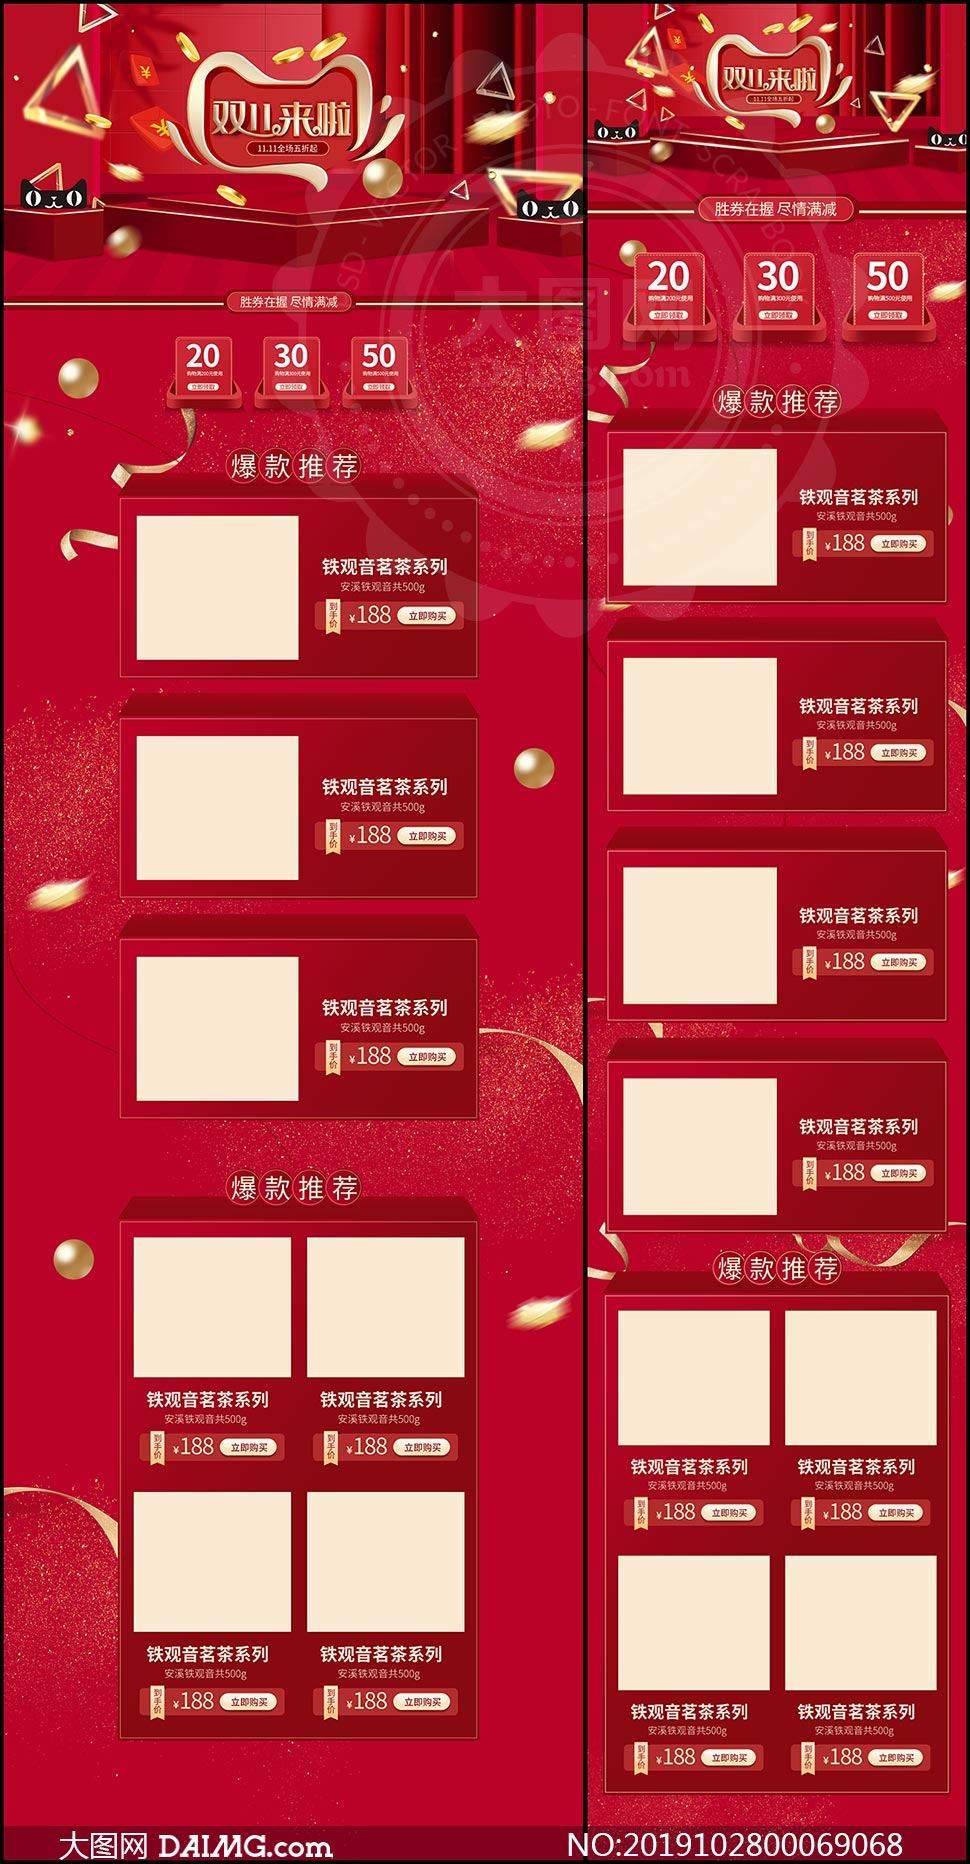 天猫茶叶店双11首页设计模板 澳门最大必赢赌场